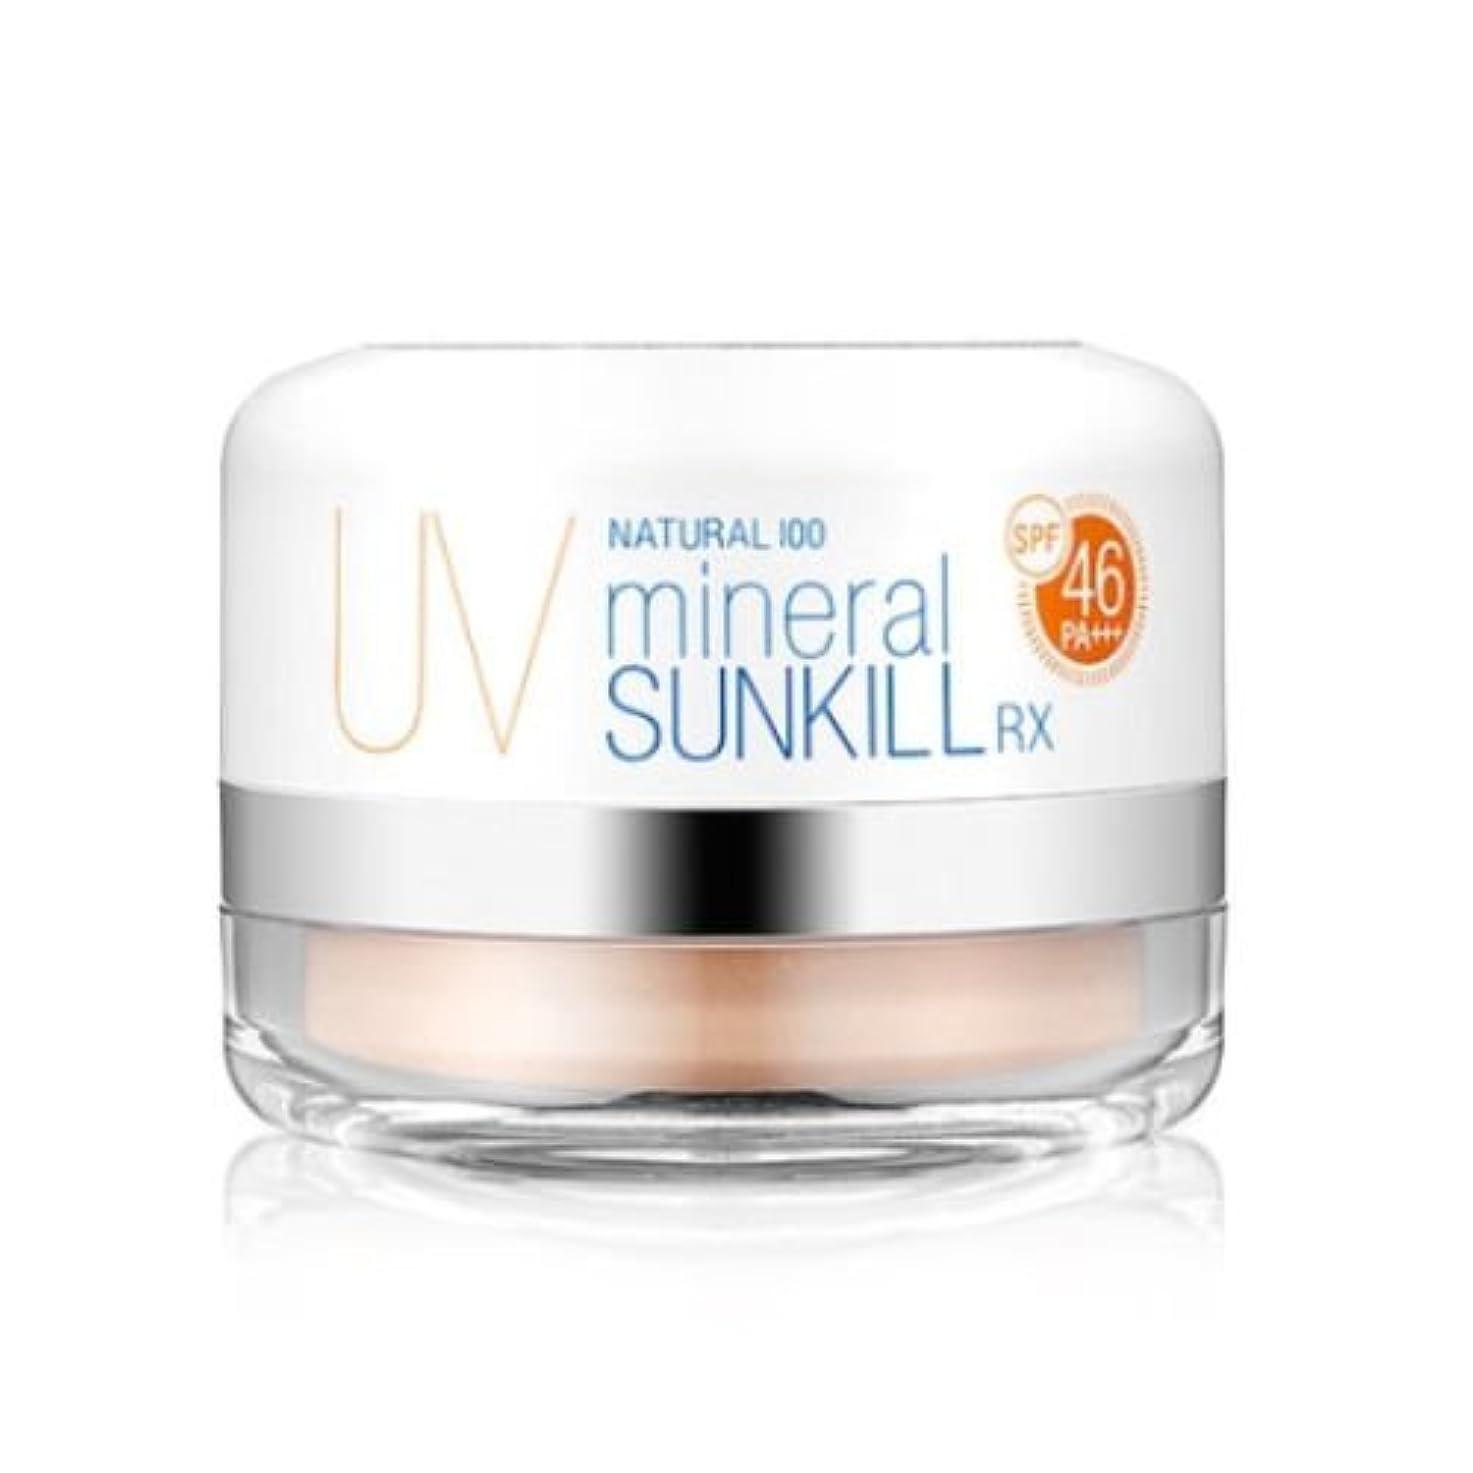 ヒステリックむさぼり食う引数カトリン[Catrin]Natural 100% Mineral Powder Sunkill RX Natural 100 Mineral Sunkill RX UV Powder ナチュラル100ミネラルソンキルRX UVパウダー 12g Sunblock,日焼け止め [並行輸入品]